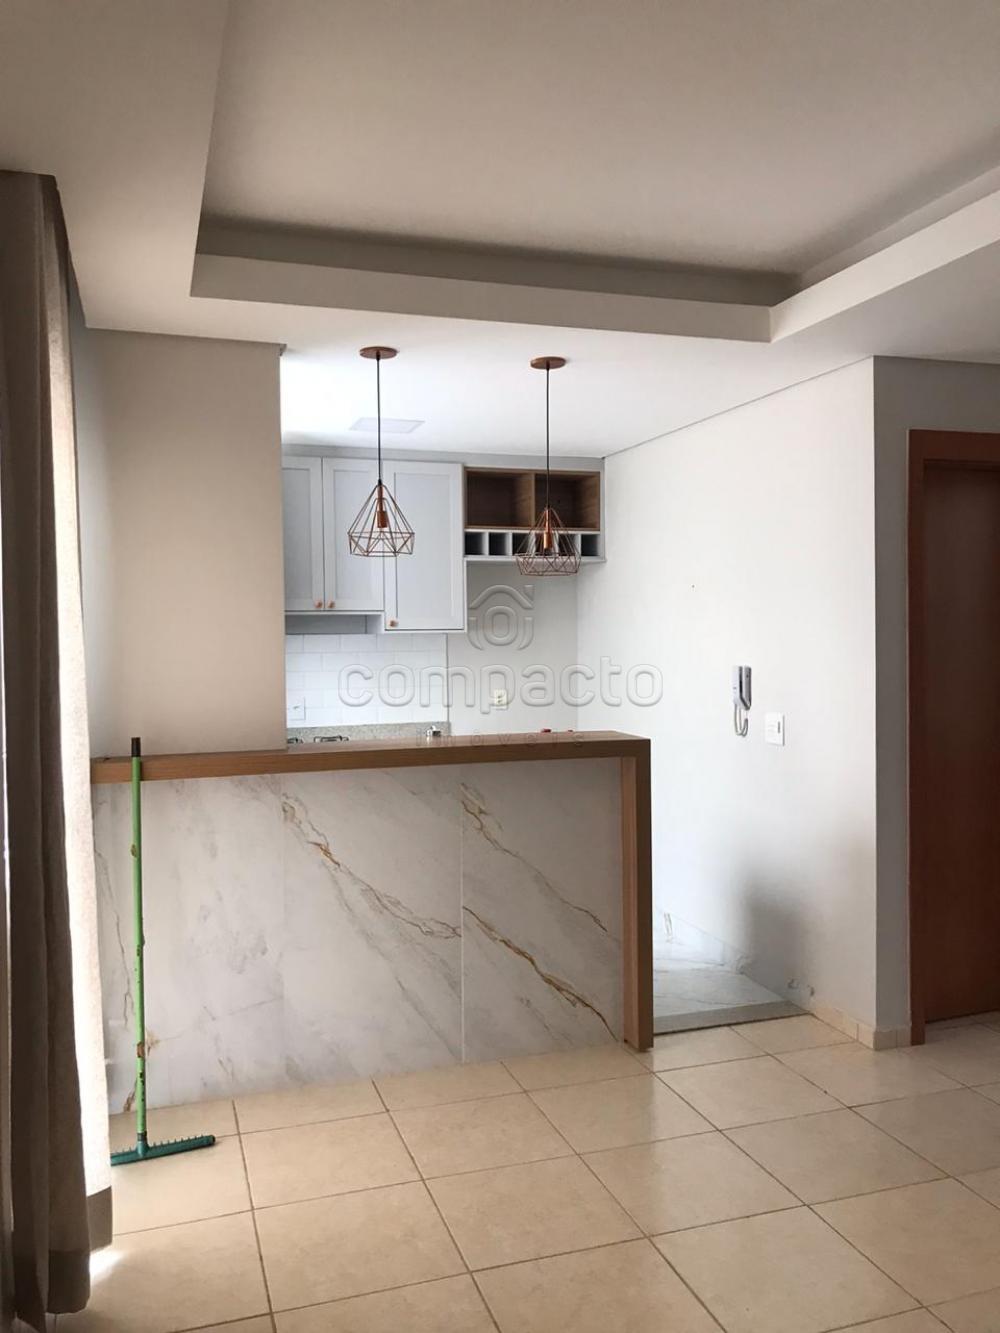 Alugar Apartamento / Padrão em São José do Rio Preto apenas R$ 1.150,00 - Foto 2